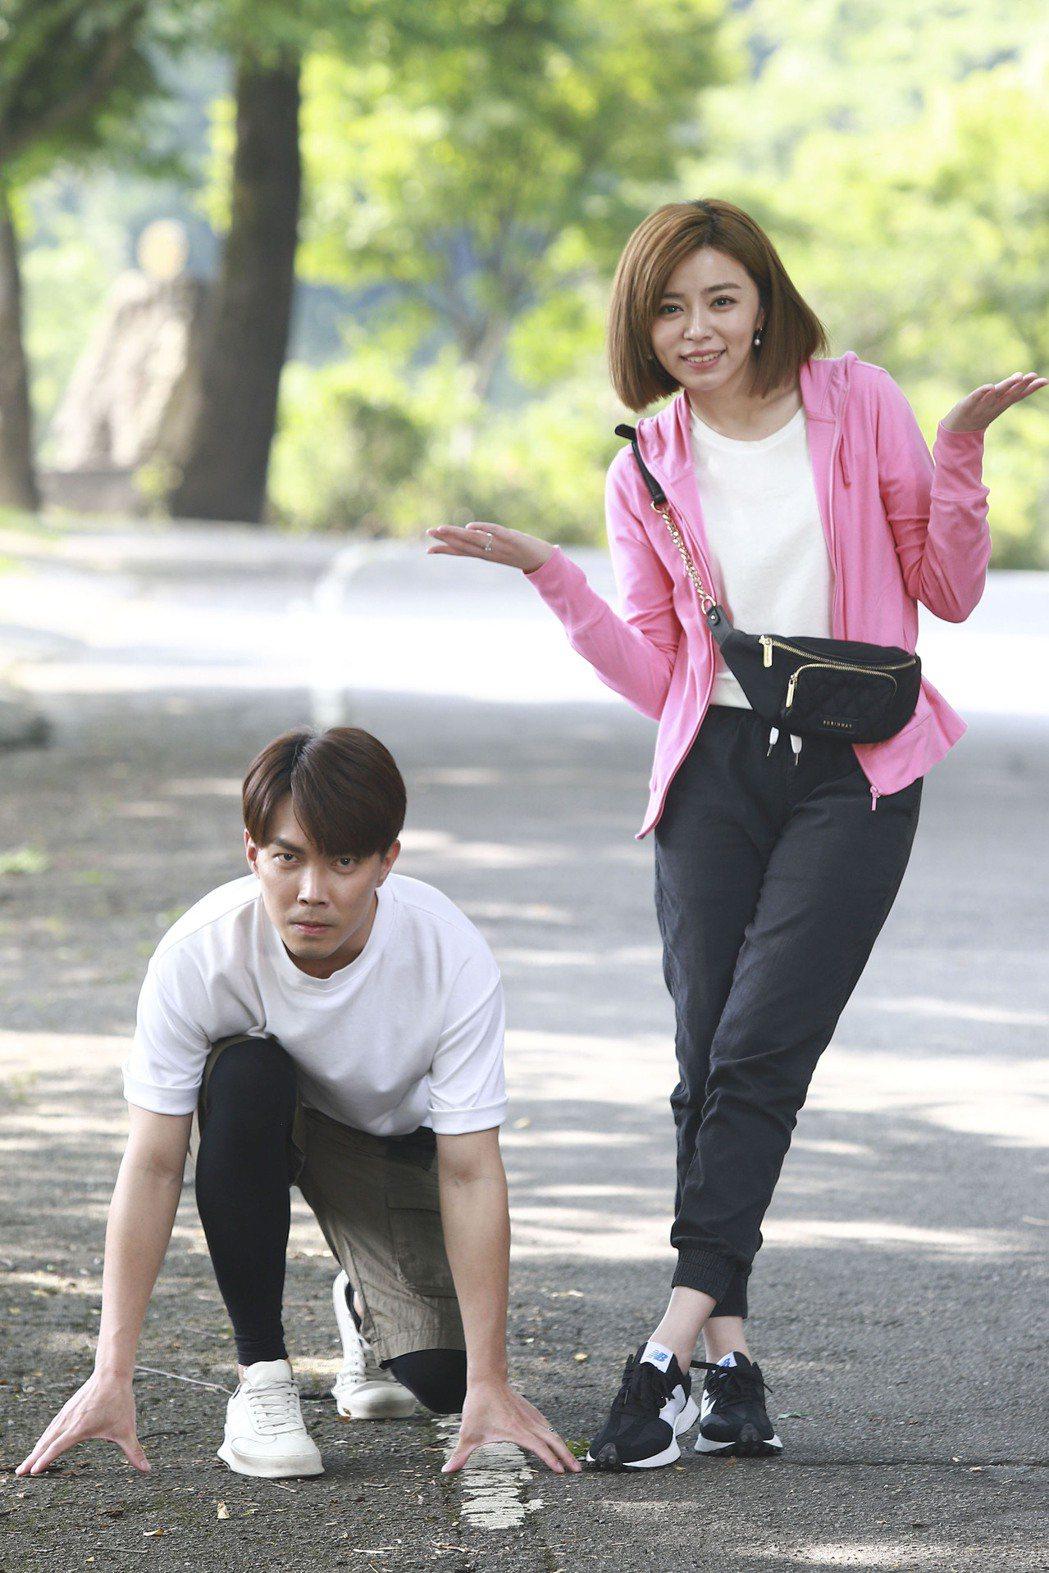 許仁杰(左)、王瞳穿運動裝出外景,搞笑擺出起跑姿勢。圖/民視提供